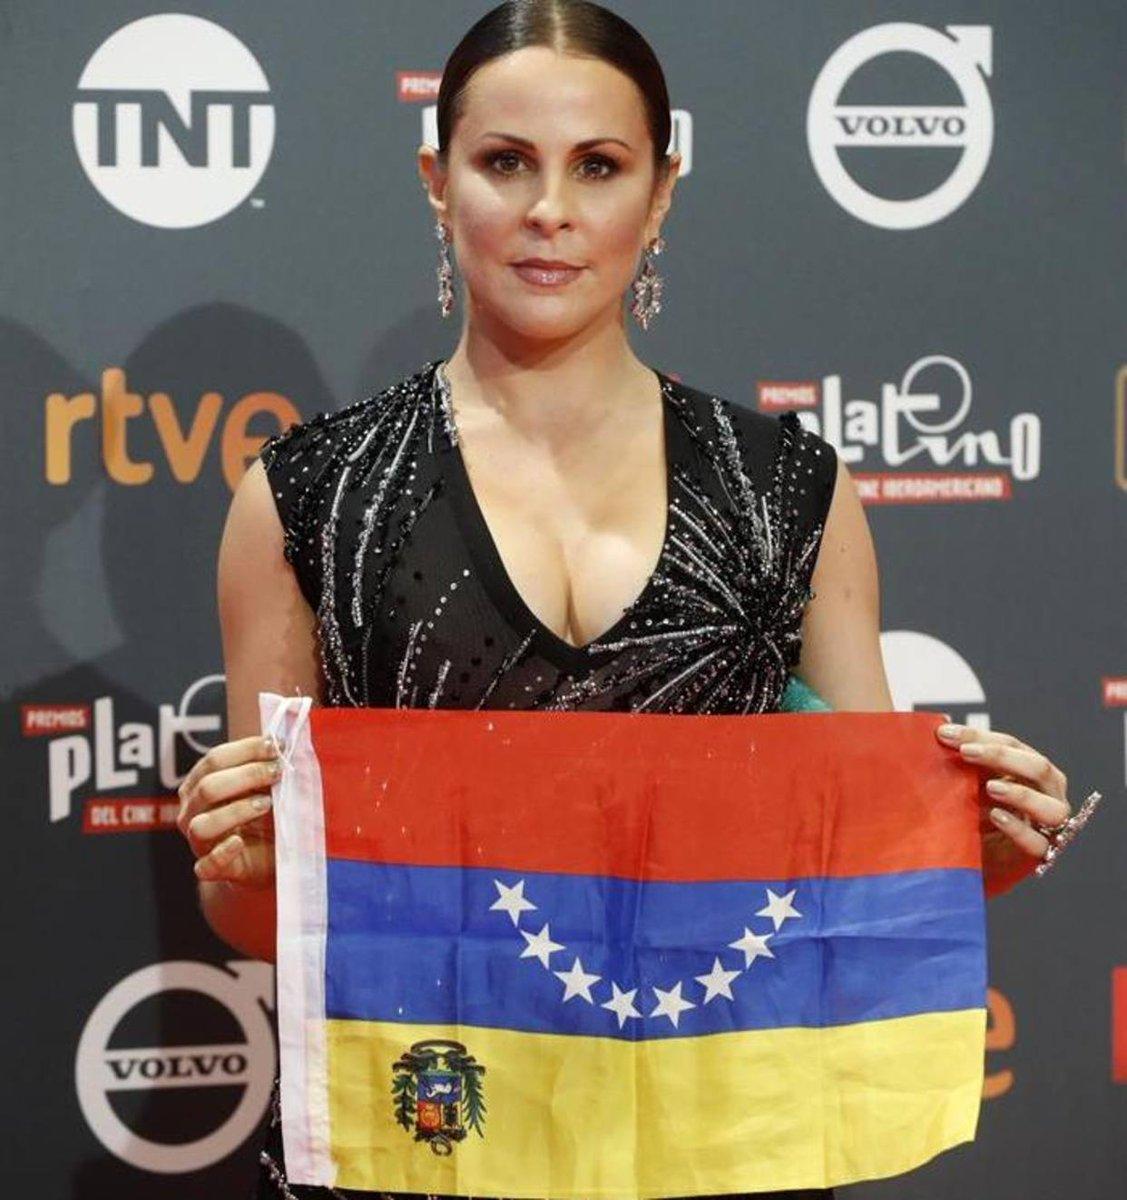 .La bandera de Venezuela presente en la alfombra de los premios Platino https://t.co/clpGGNJHMH  https://t.co/gU0ebegbMj